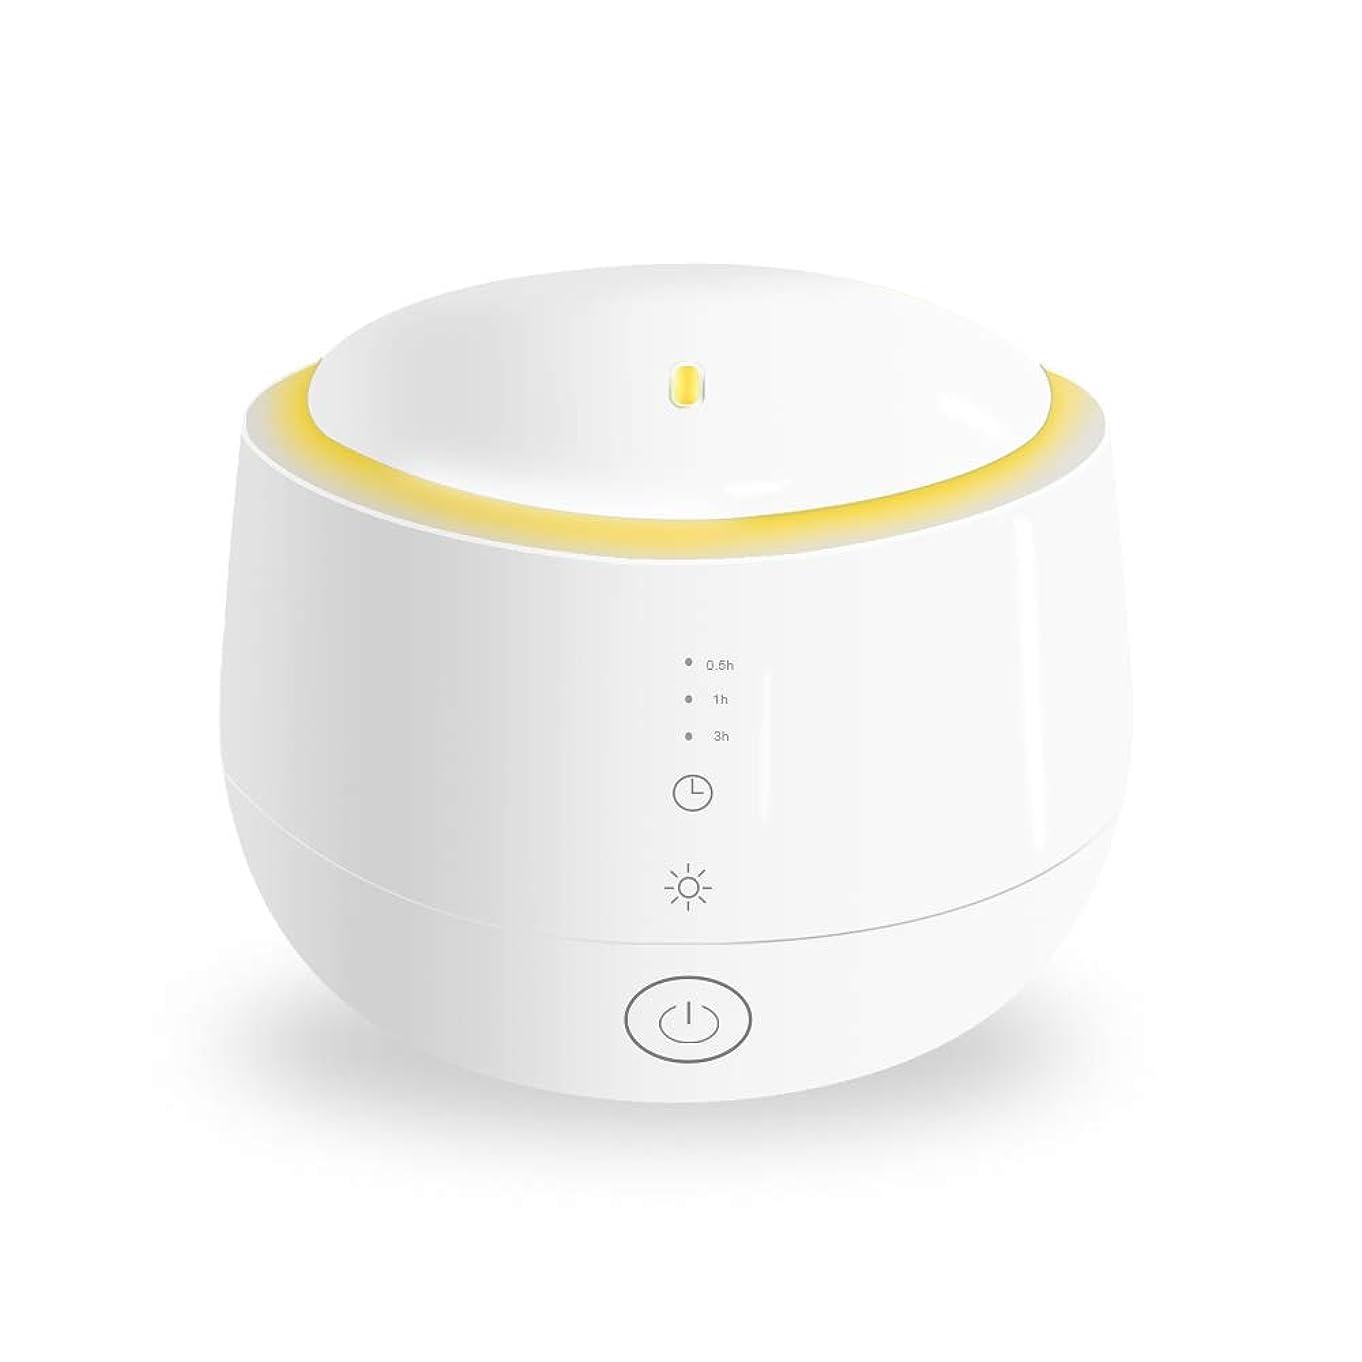 閉じる合併式Smiler+ 超音波式 アロマディフューザー 加湿器 ムードランプ 大容量 ガラスカバー 空焚き防止機能搭載 変色LED付き 低騒音 時間設定